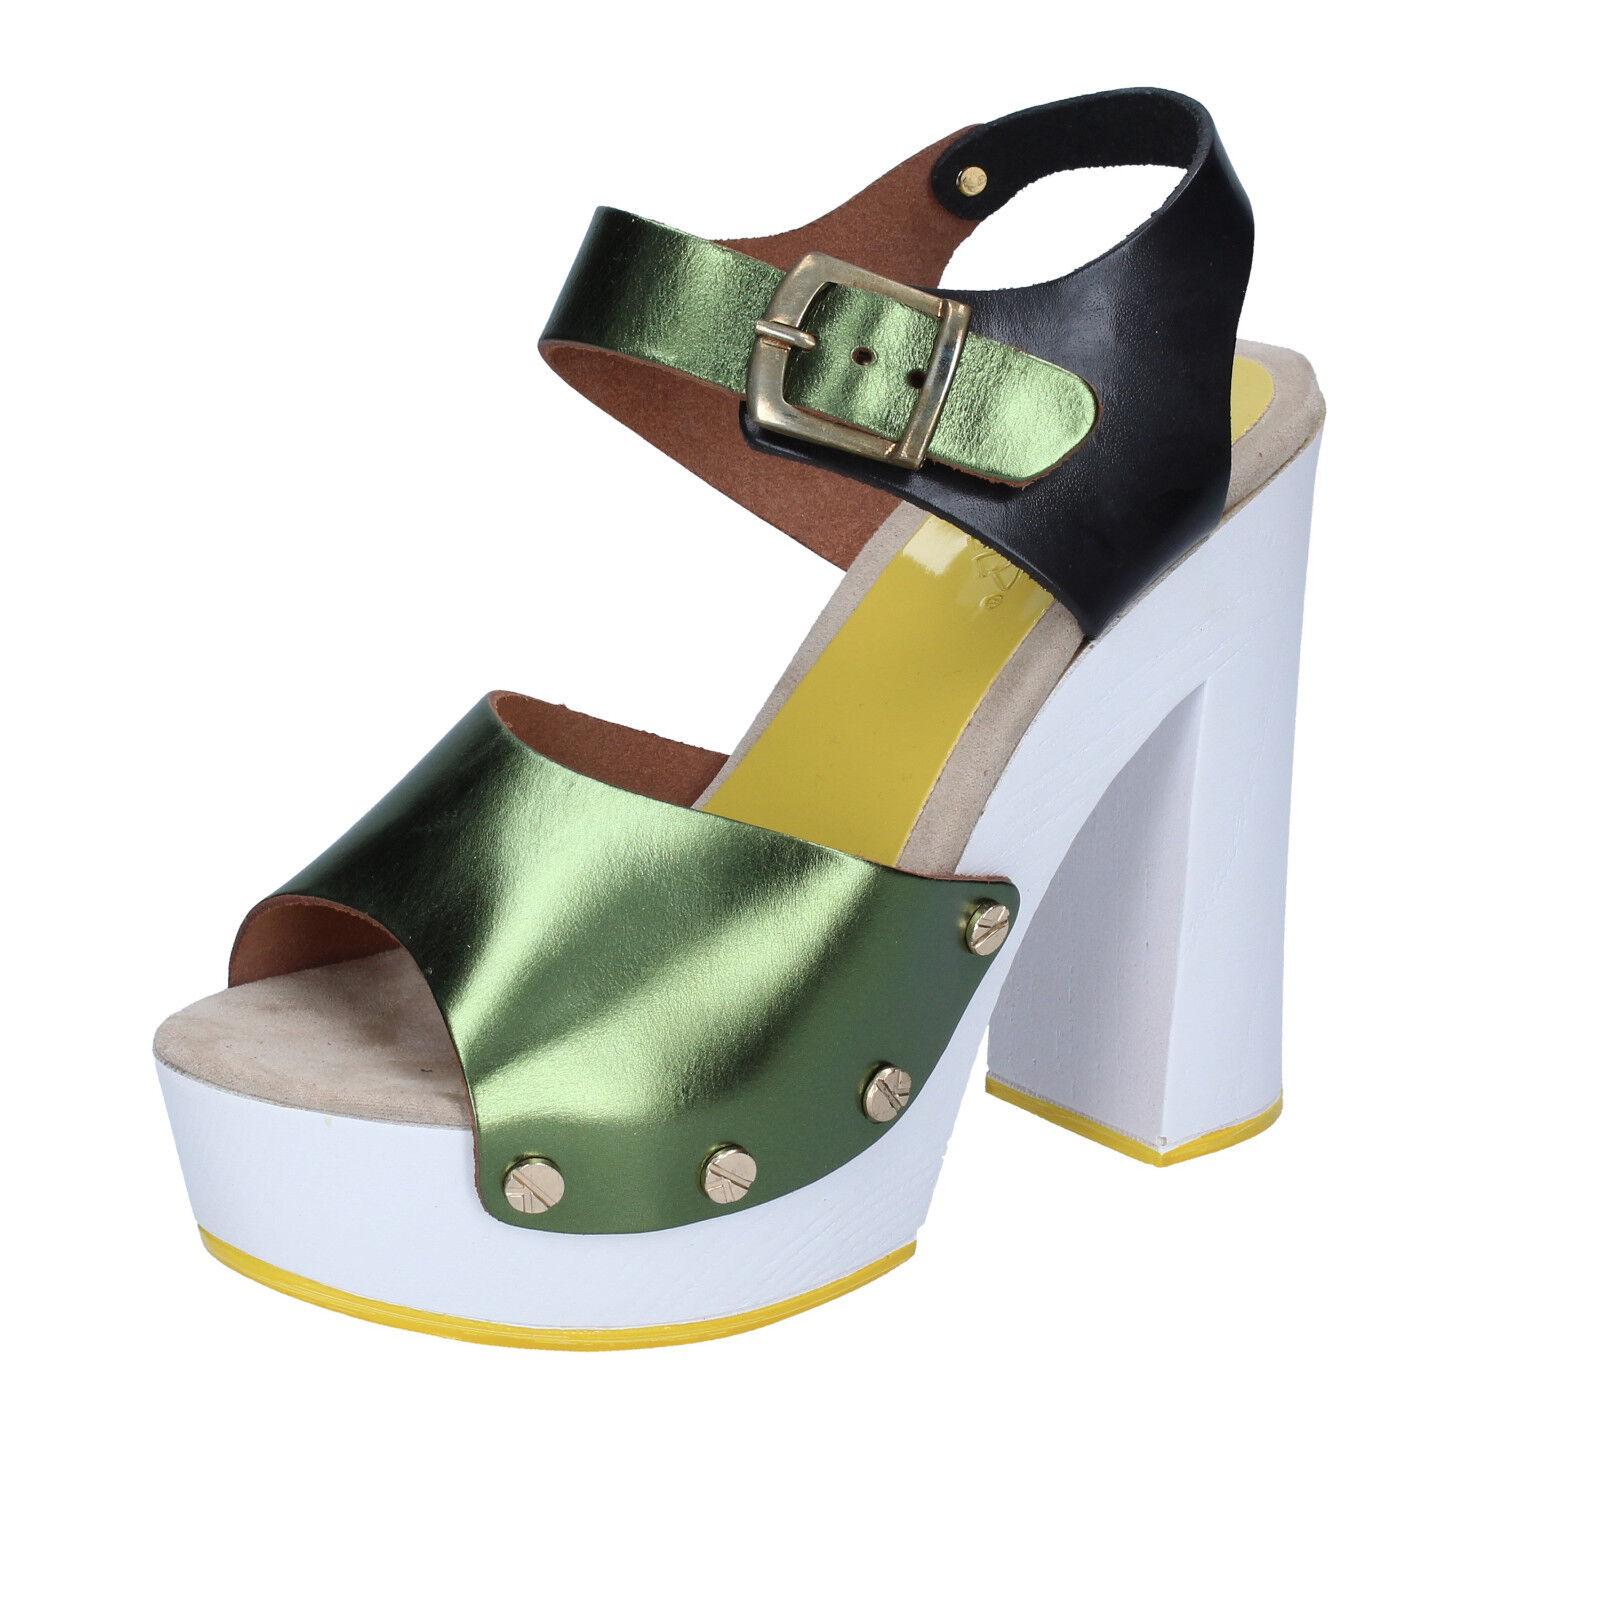 Para mujeres Zapatos Suky marca marca marca 5 (EU 35) Sandalias verde Negro Cuero BS18-35  buena reputación